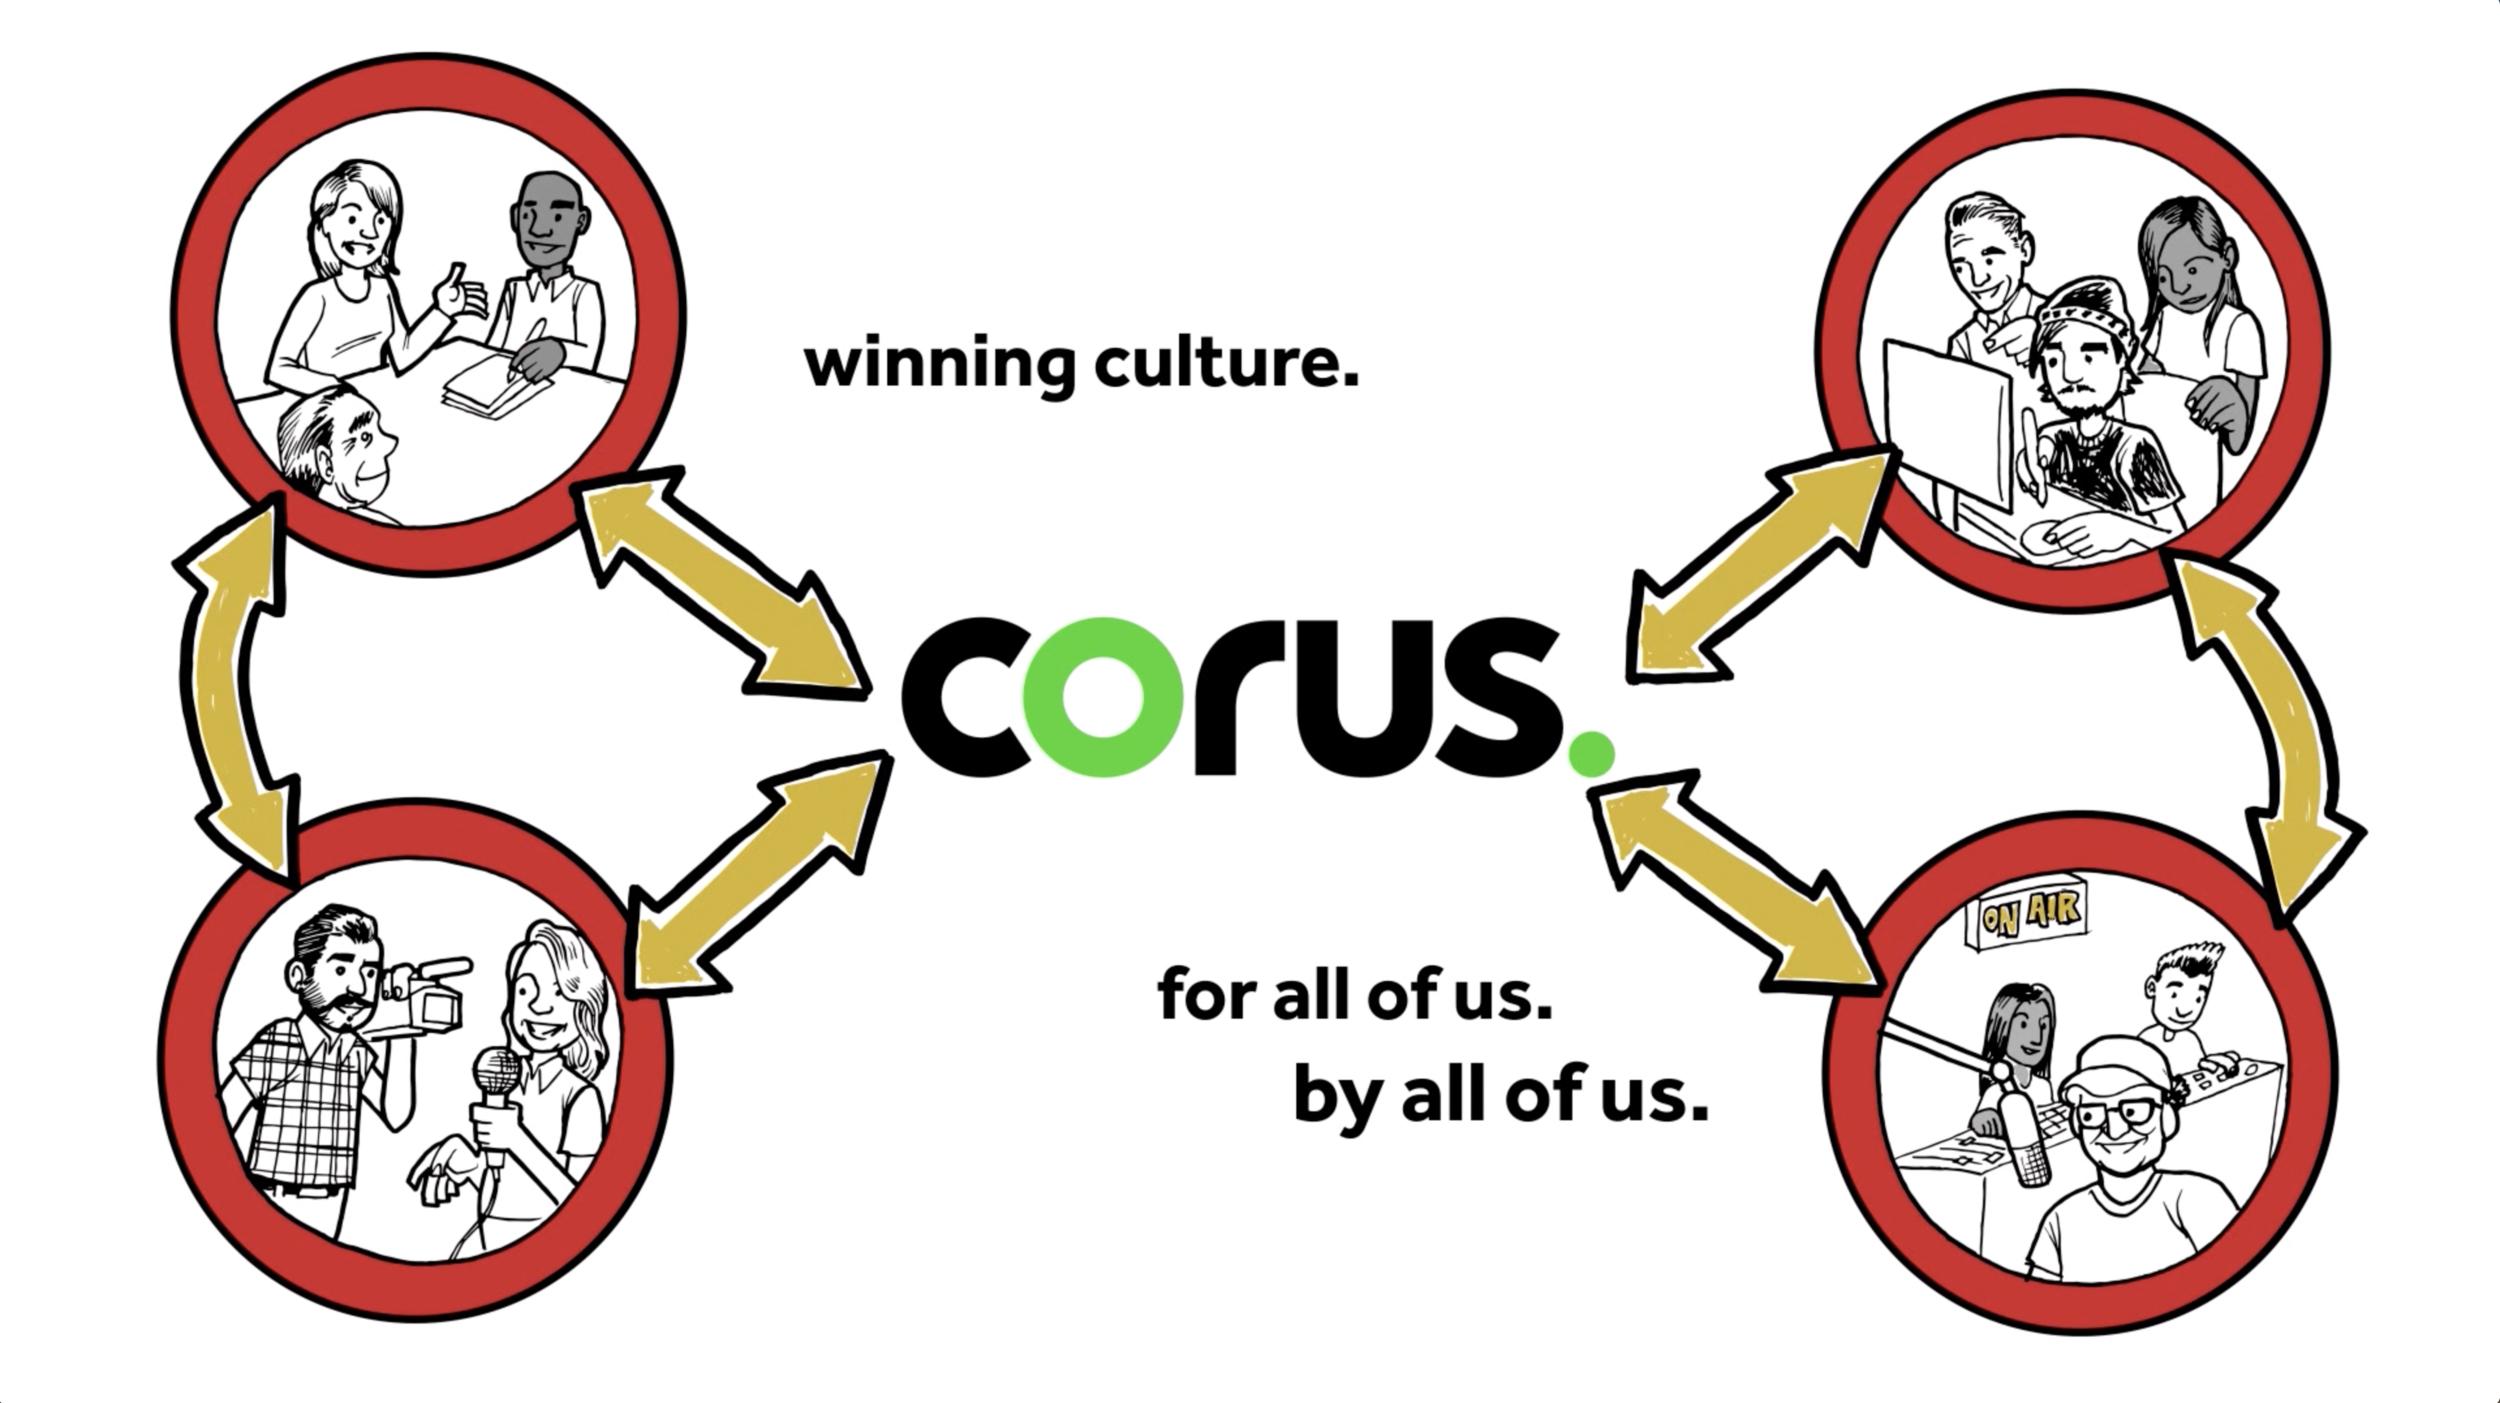 Engaging Corus, Employee culture initiative. 2017